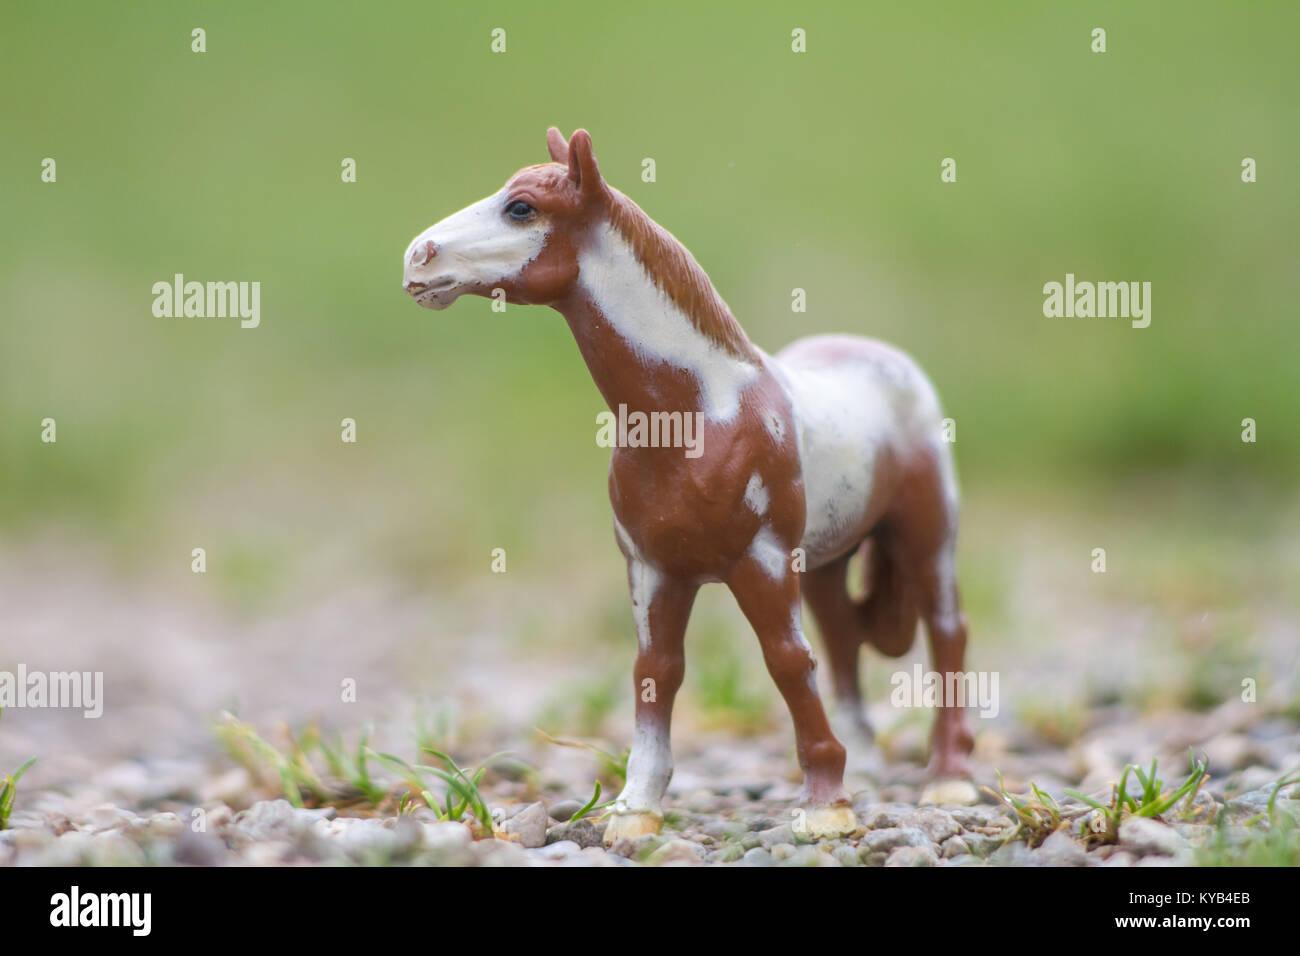 kinderspielzeug, schleich modell pferde stockfoto, bild: 171734035